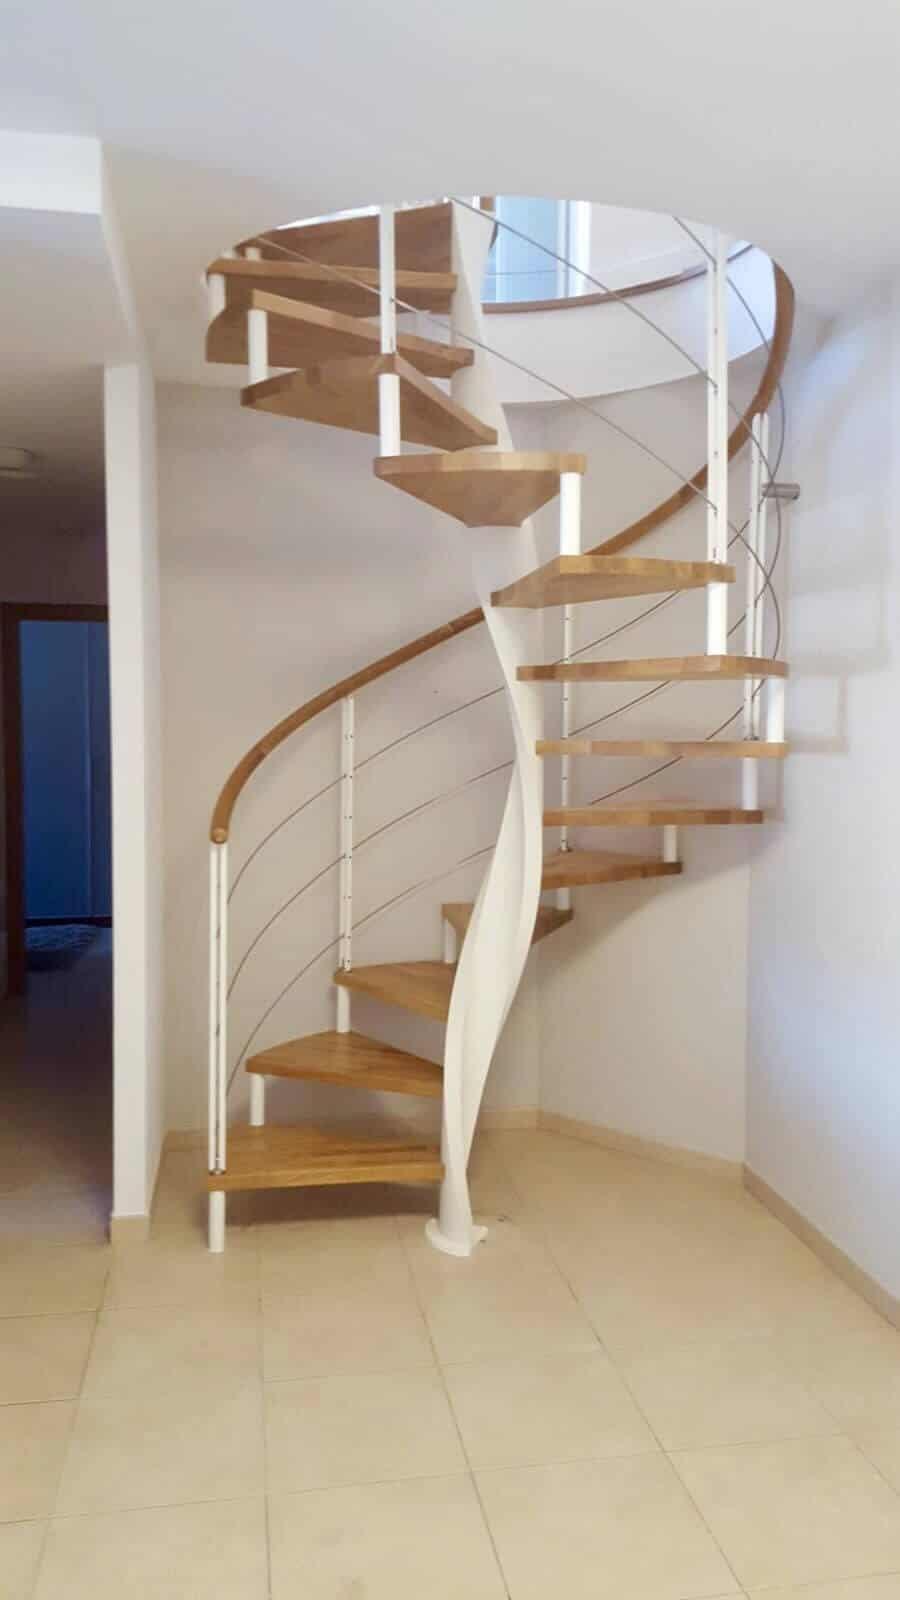 Escalera de caracol con eje helioidal | Enesca.es